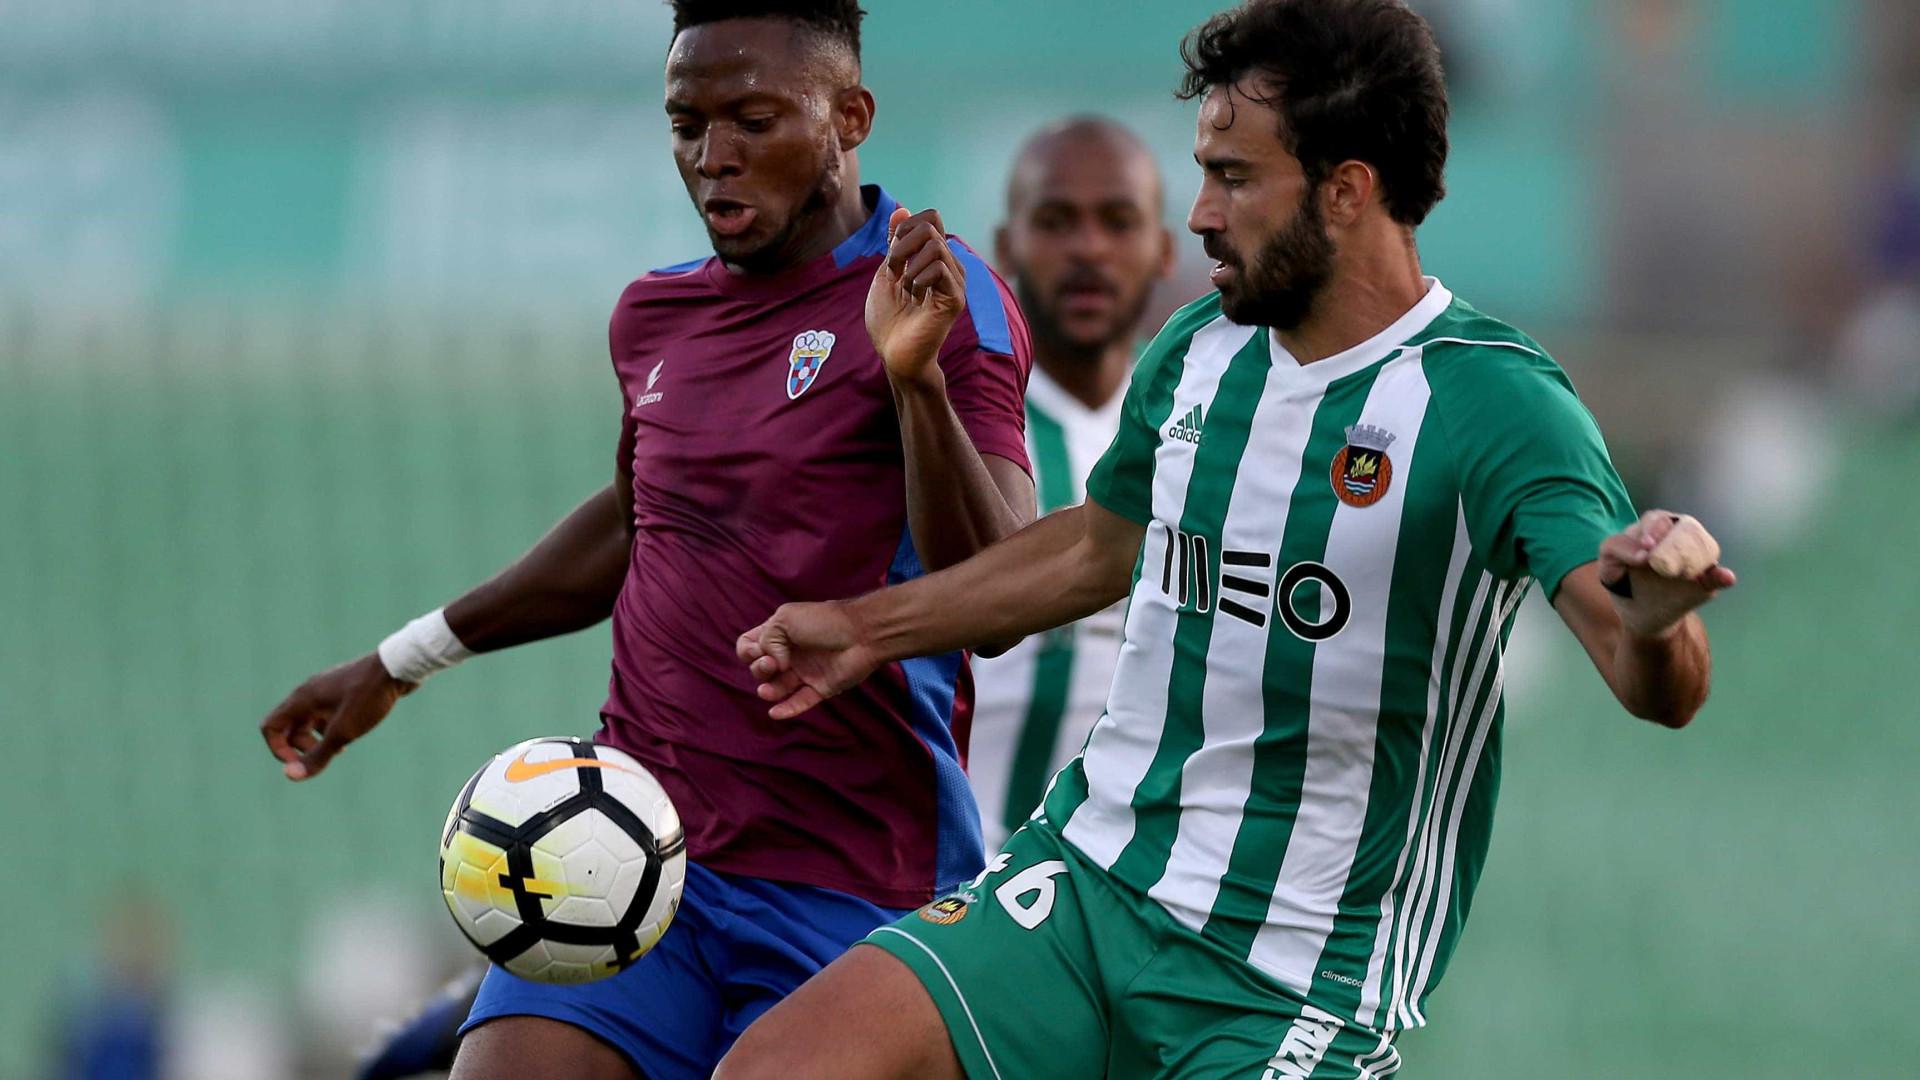 Oficial: Marcelo confirmado como reforço do Sporting